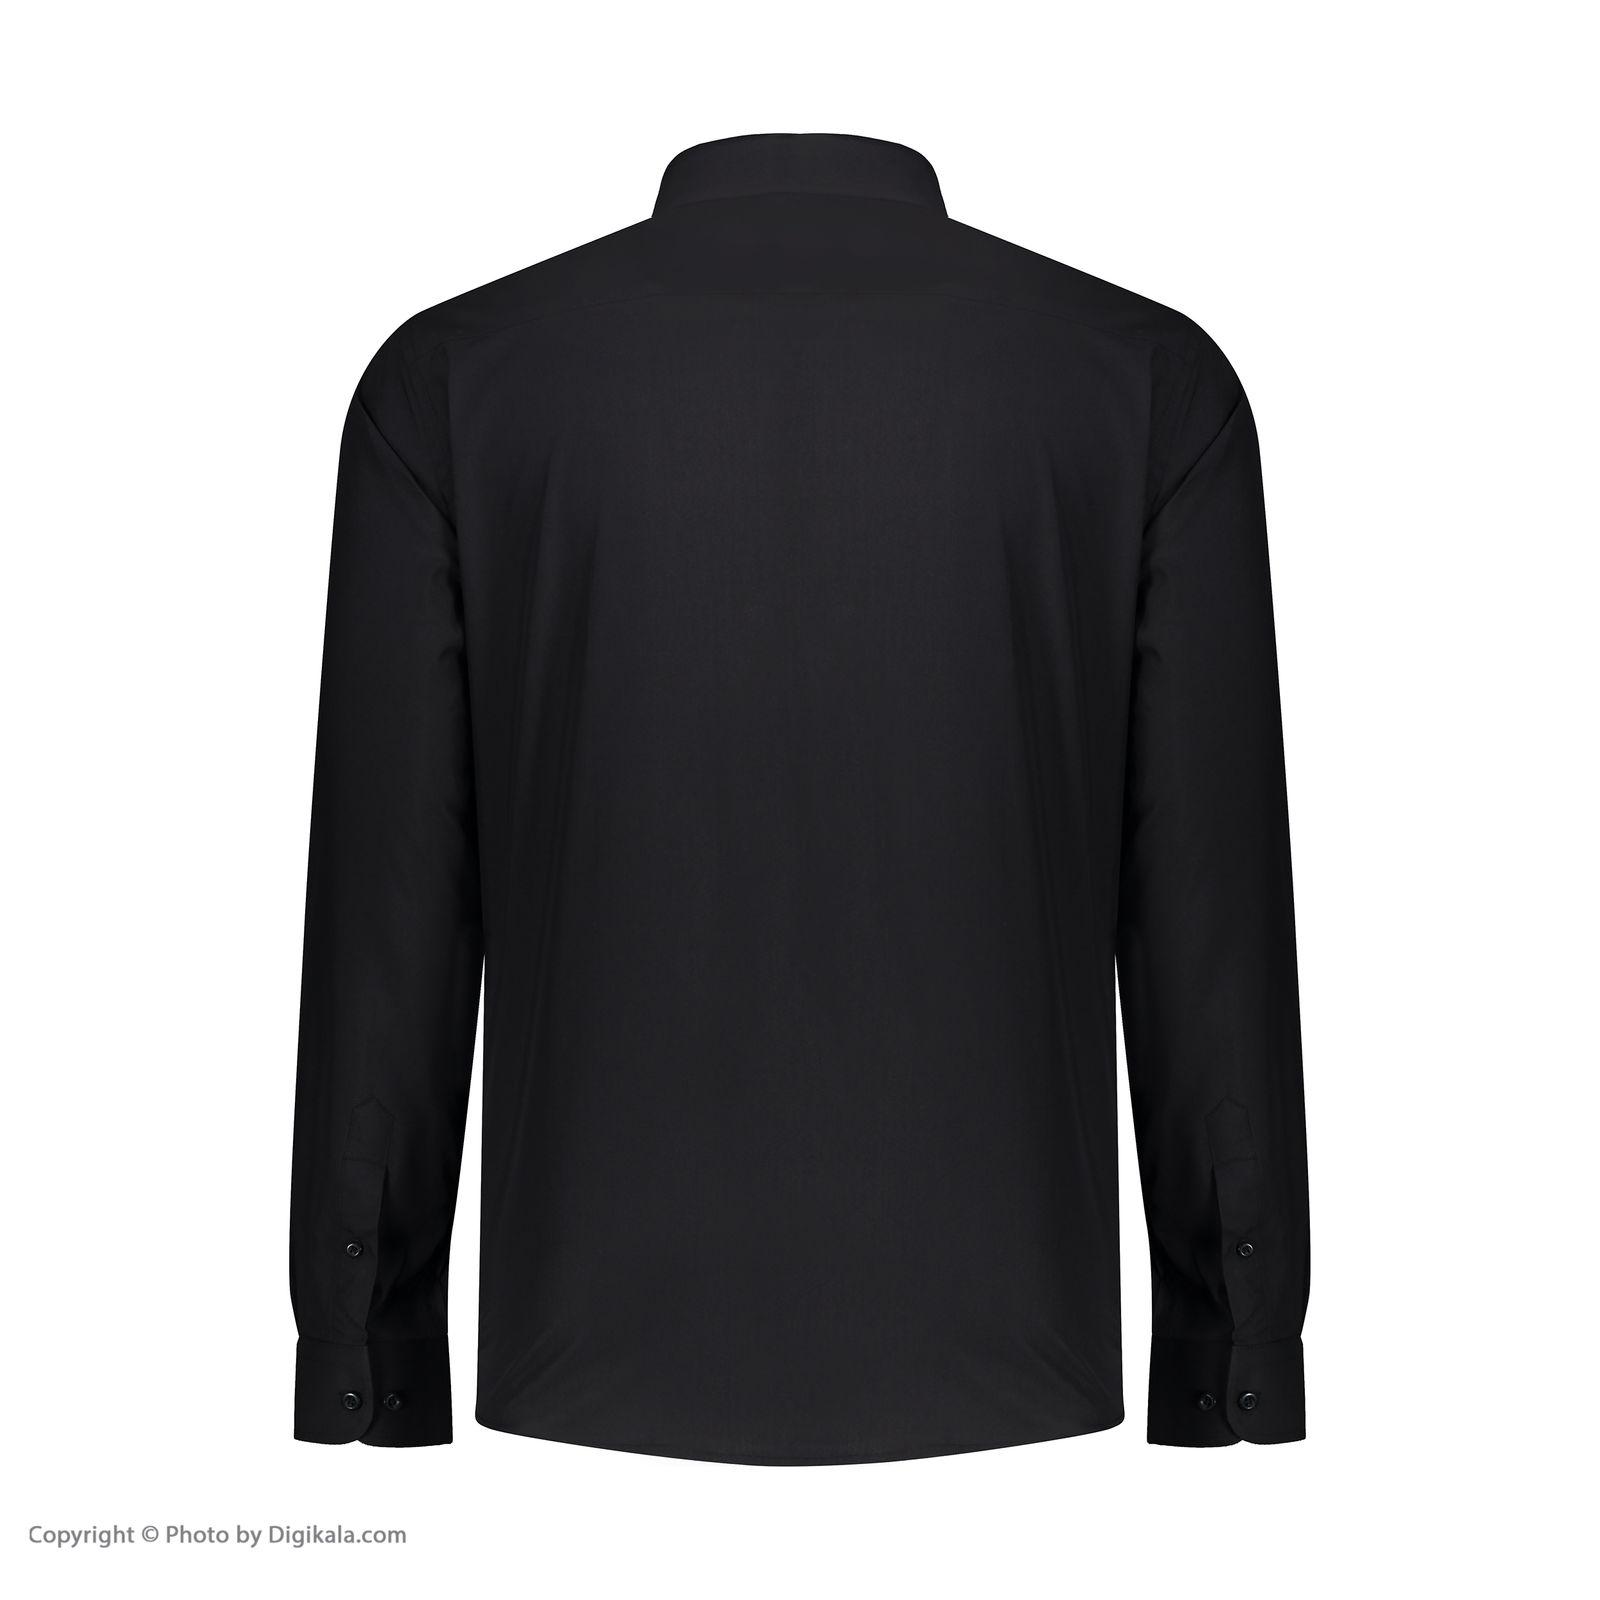 پیراهن مردانه پاتن جامه کد 98MC8528 رنگ مشکی  -  - 3